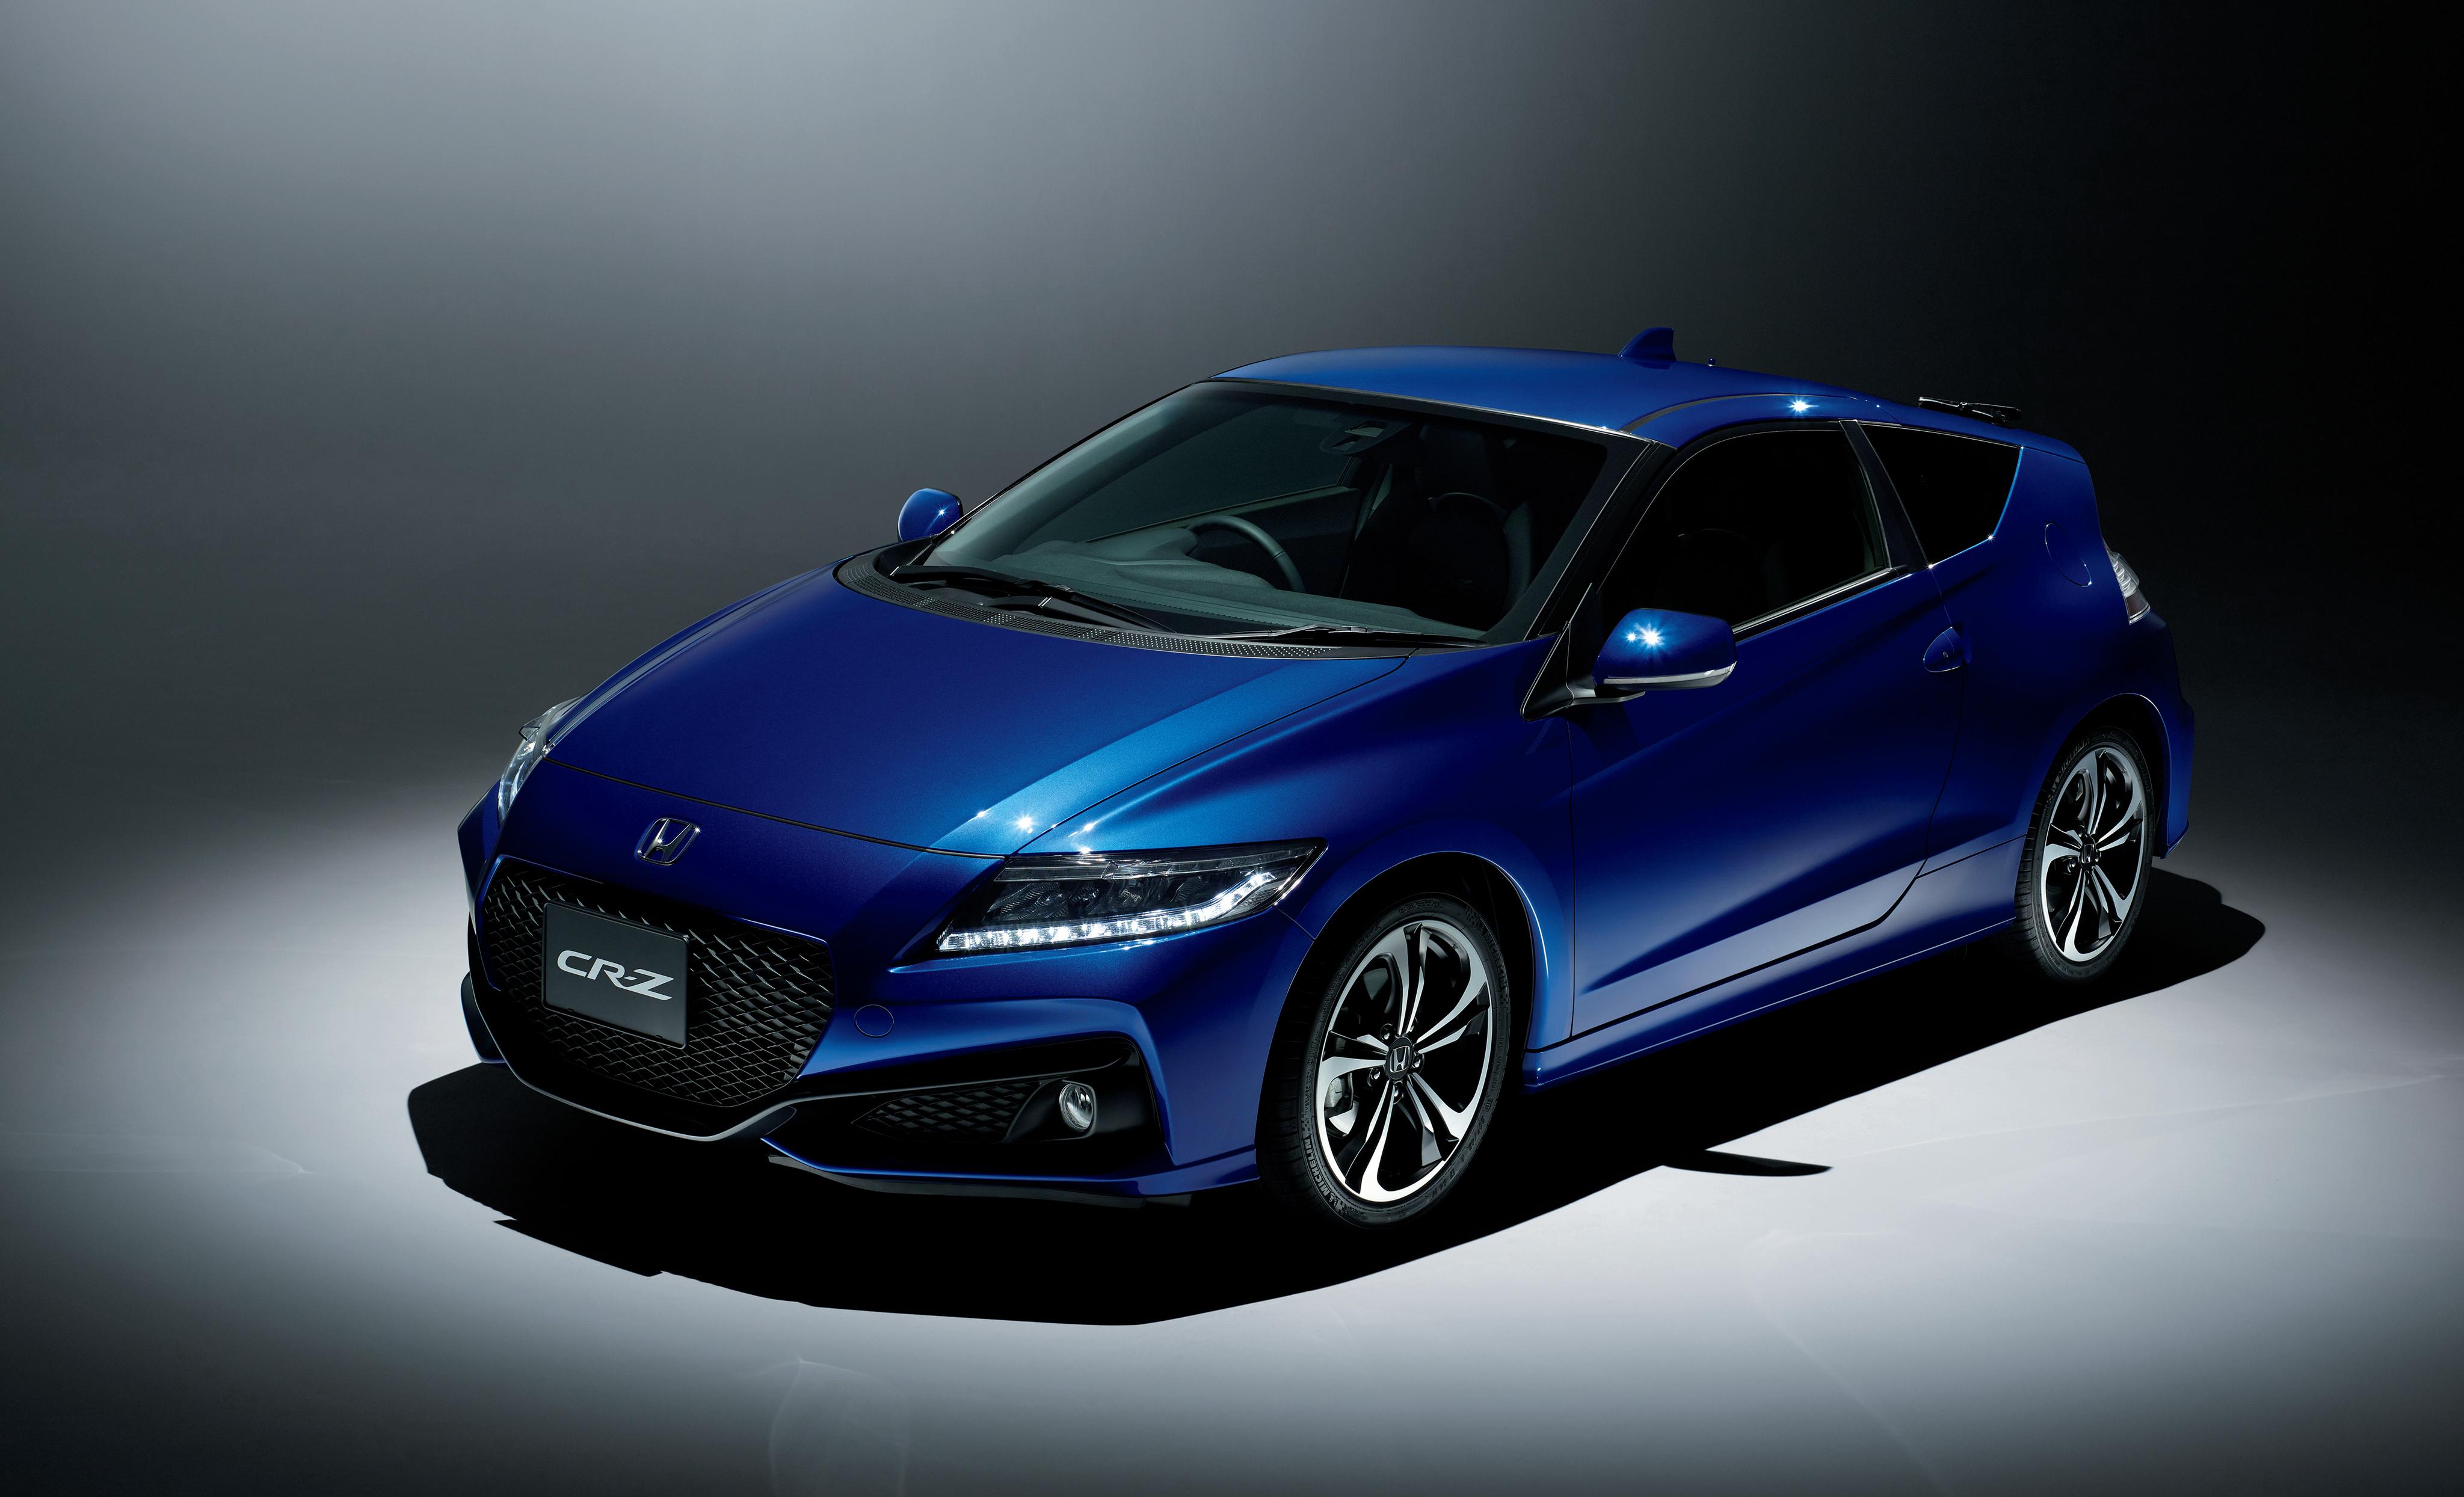 Honda презентовала заключительную версию купе CR-Z 1